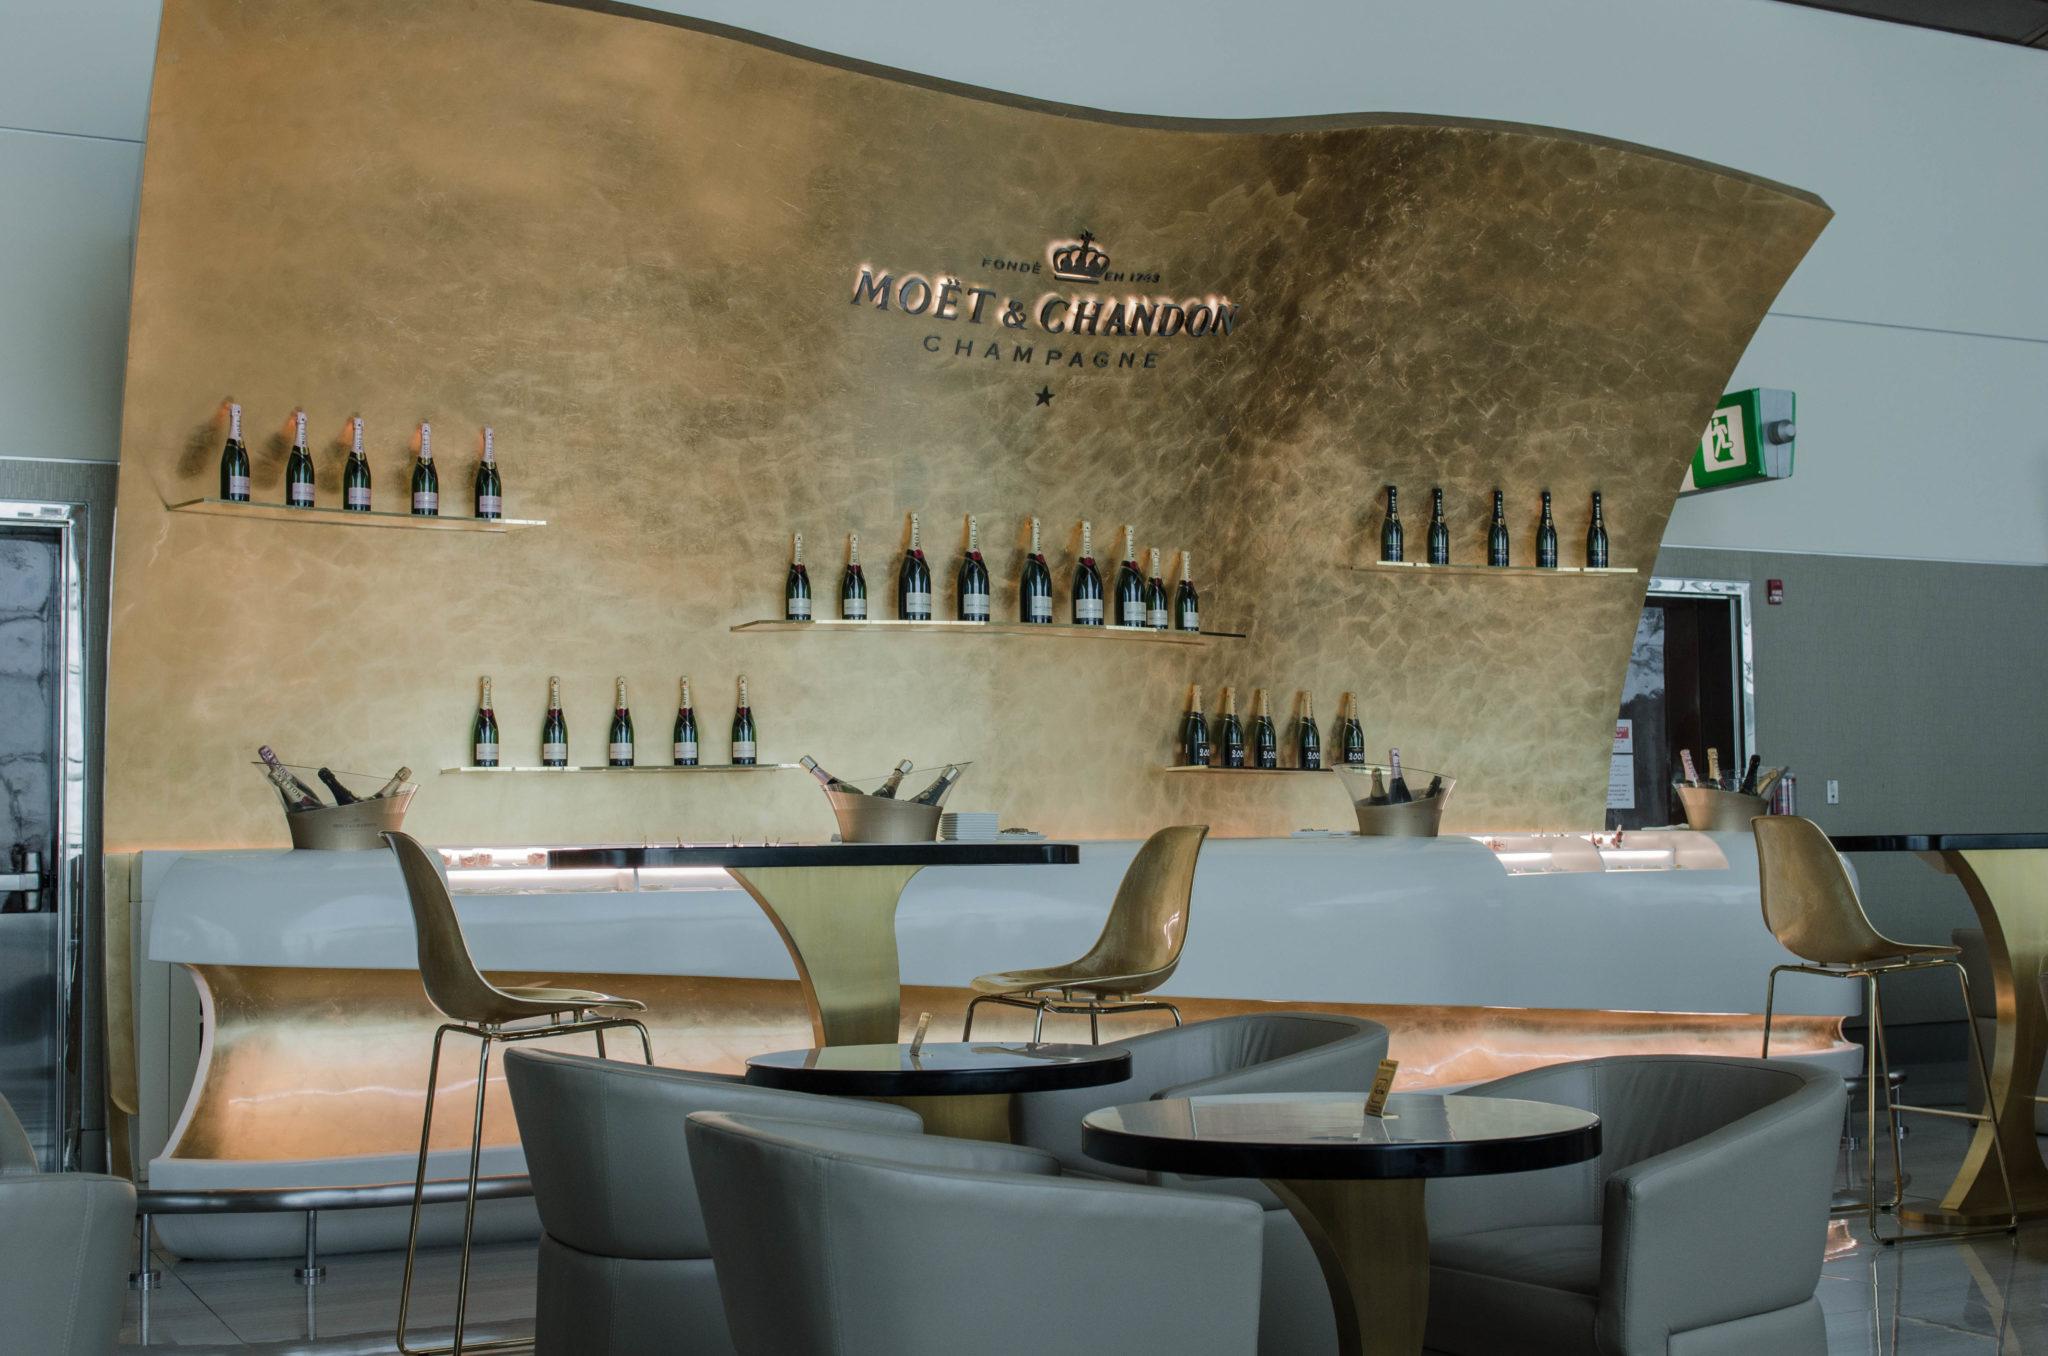 Mit Emirates nach München: In der Business Lounge von Emirates in Dubai startet der Flug.